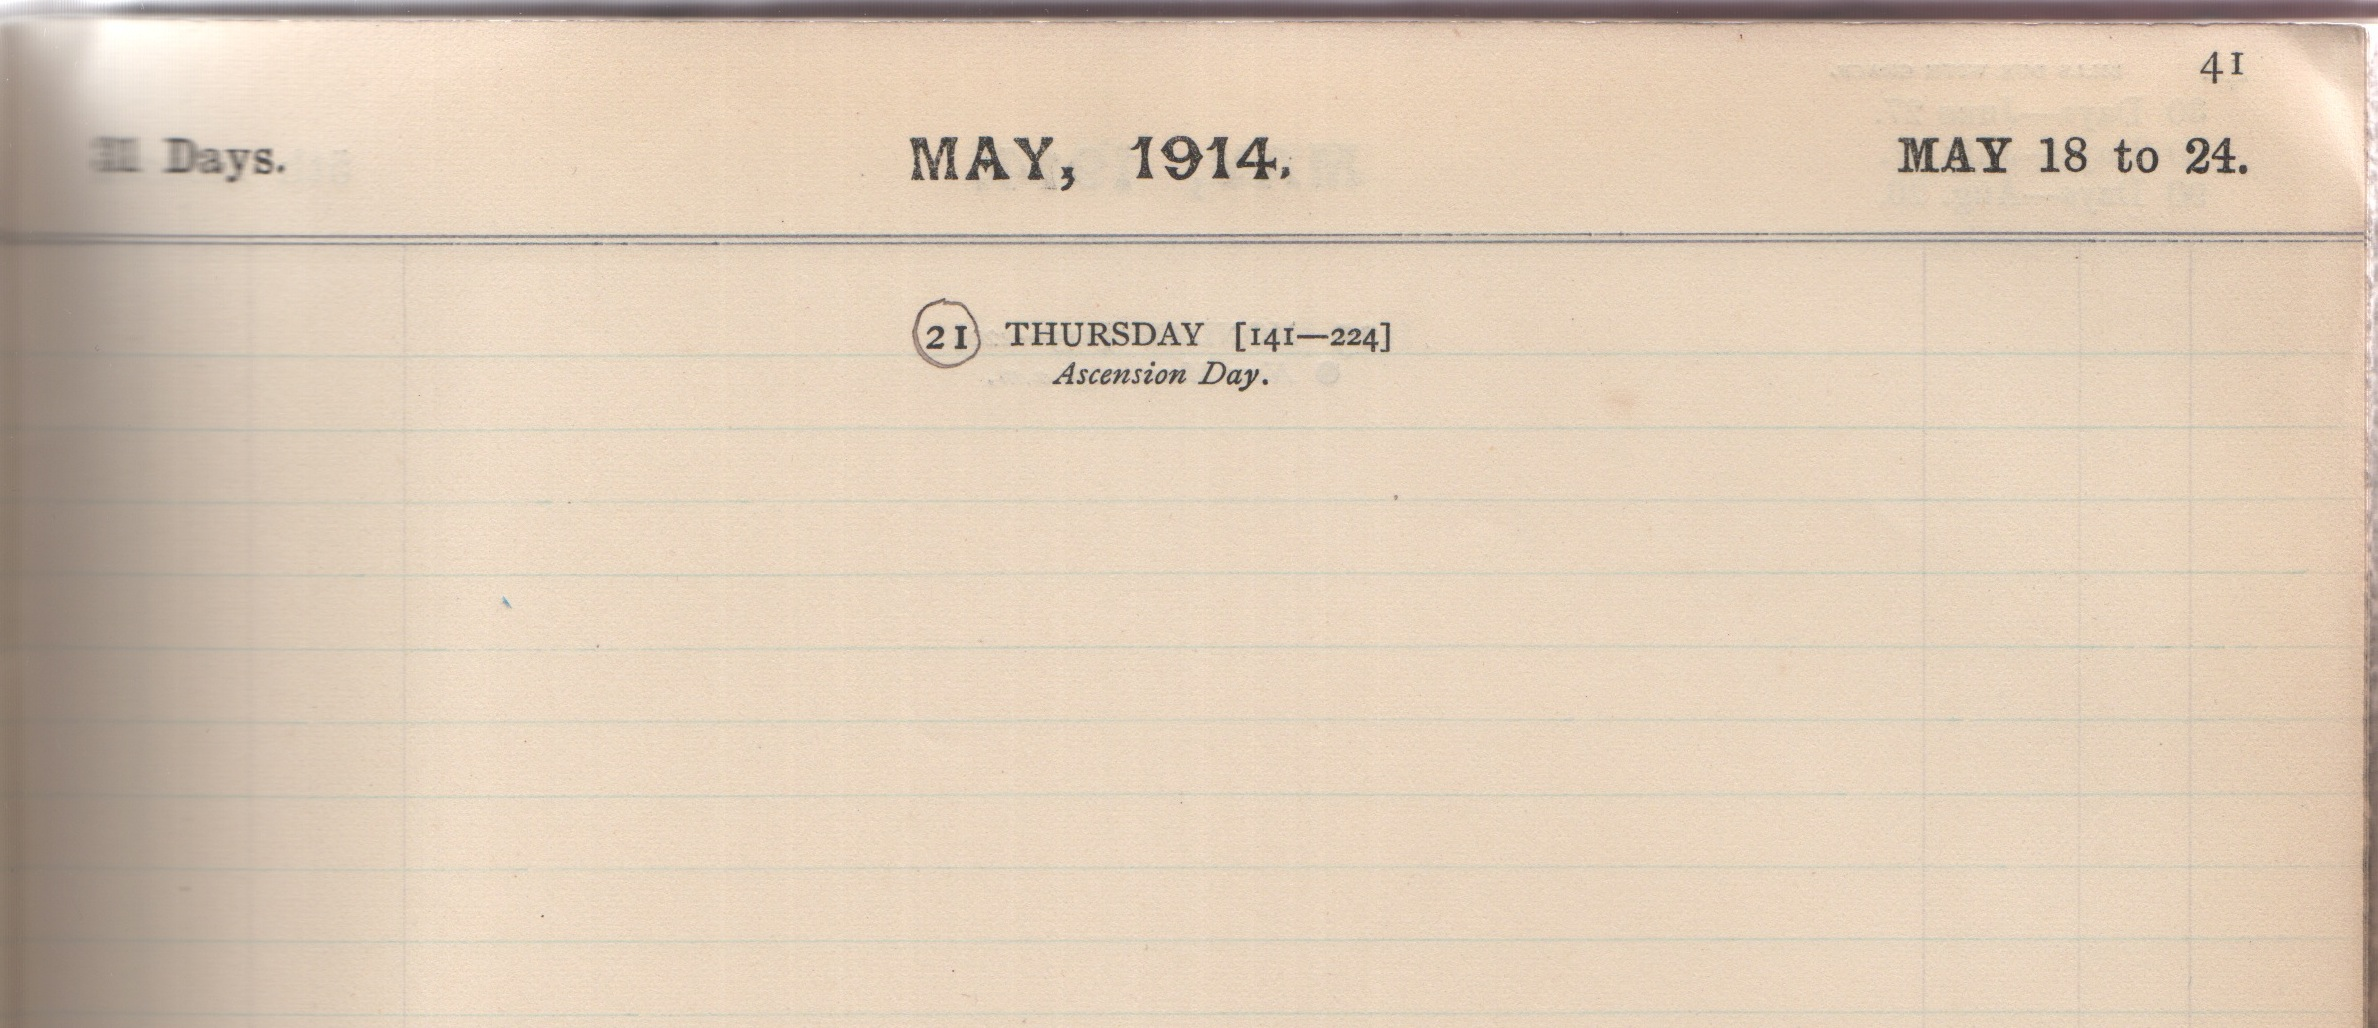 12 May